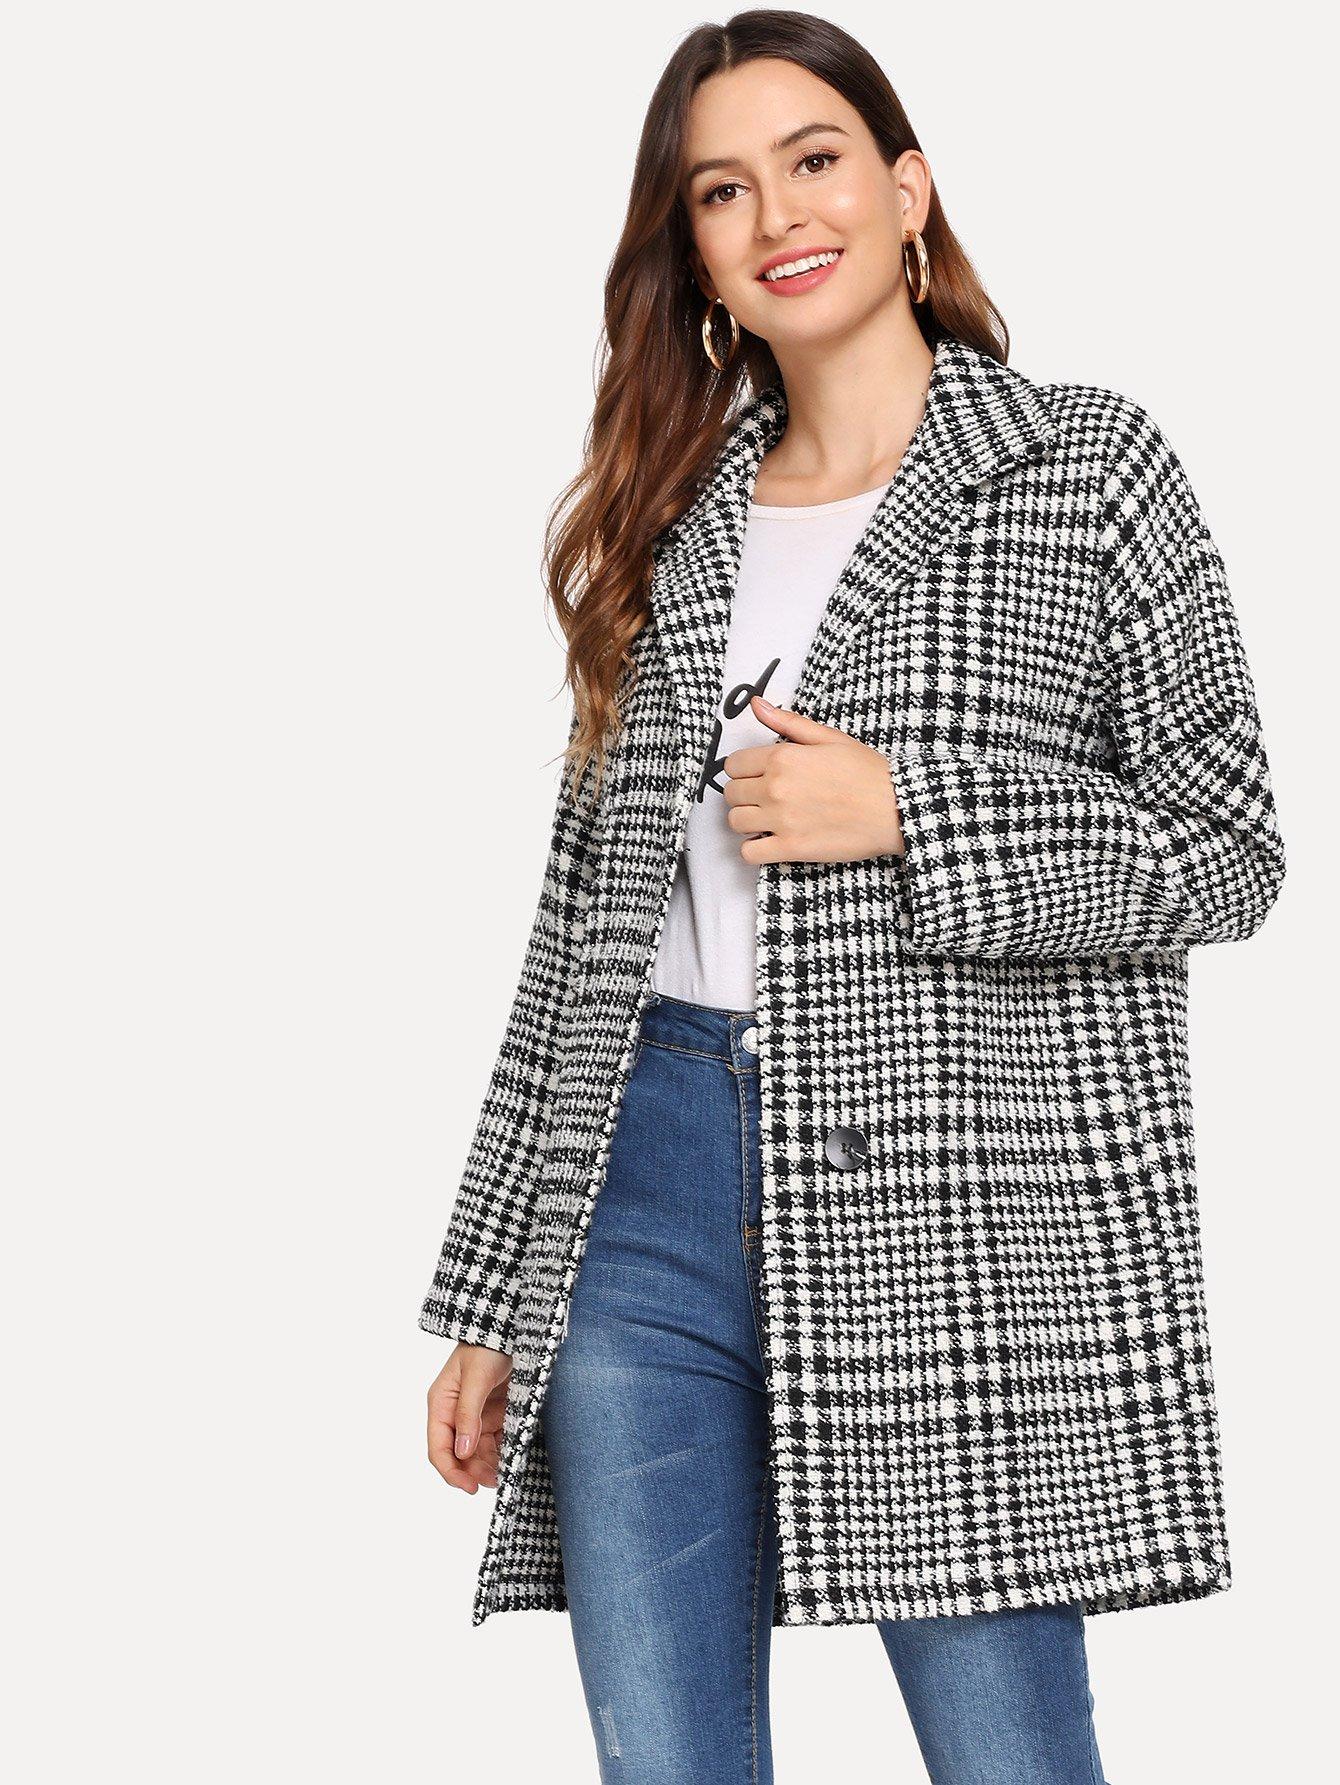 Повседневный стиль Ломаная клетка на пуговицах пальто Чёрнобелые Пальто SheIn